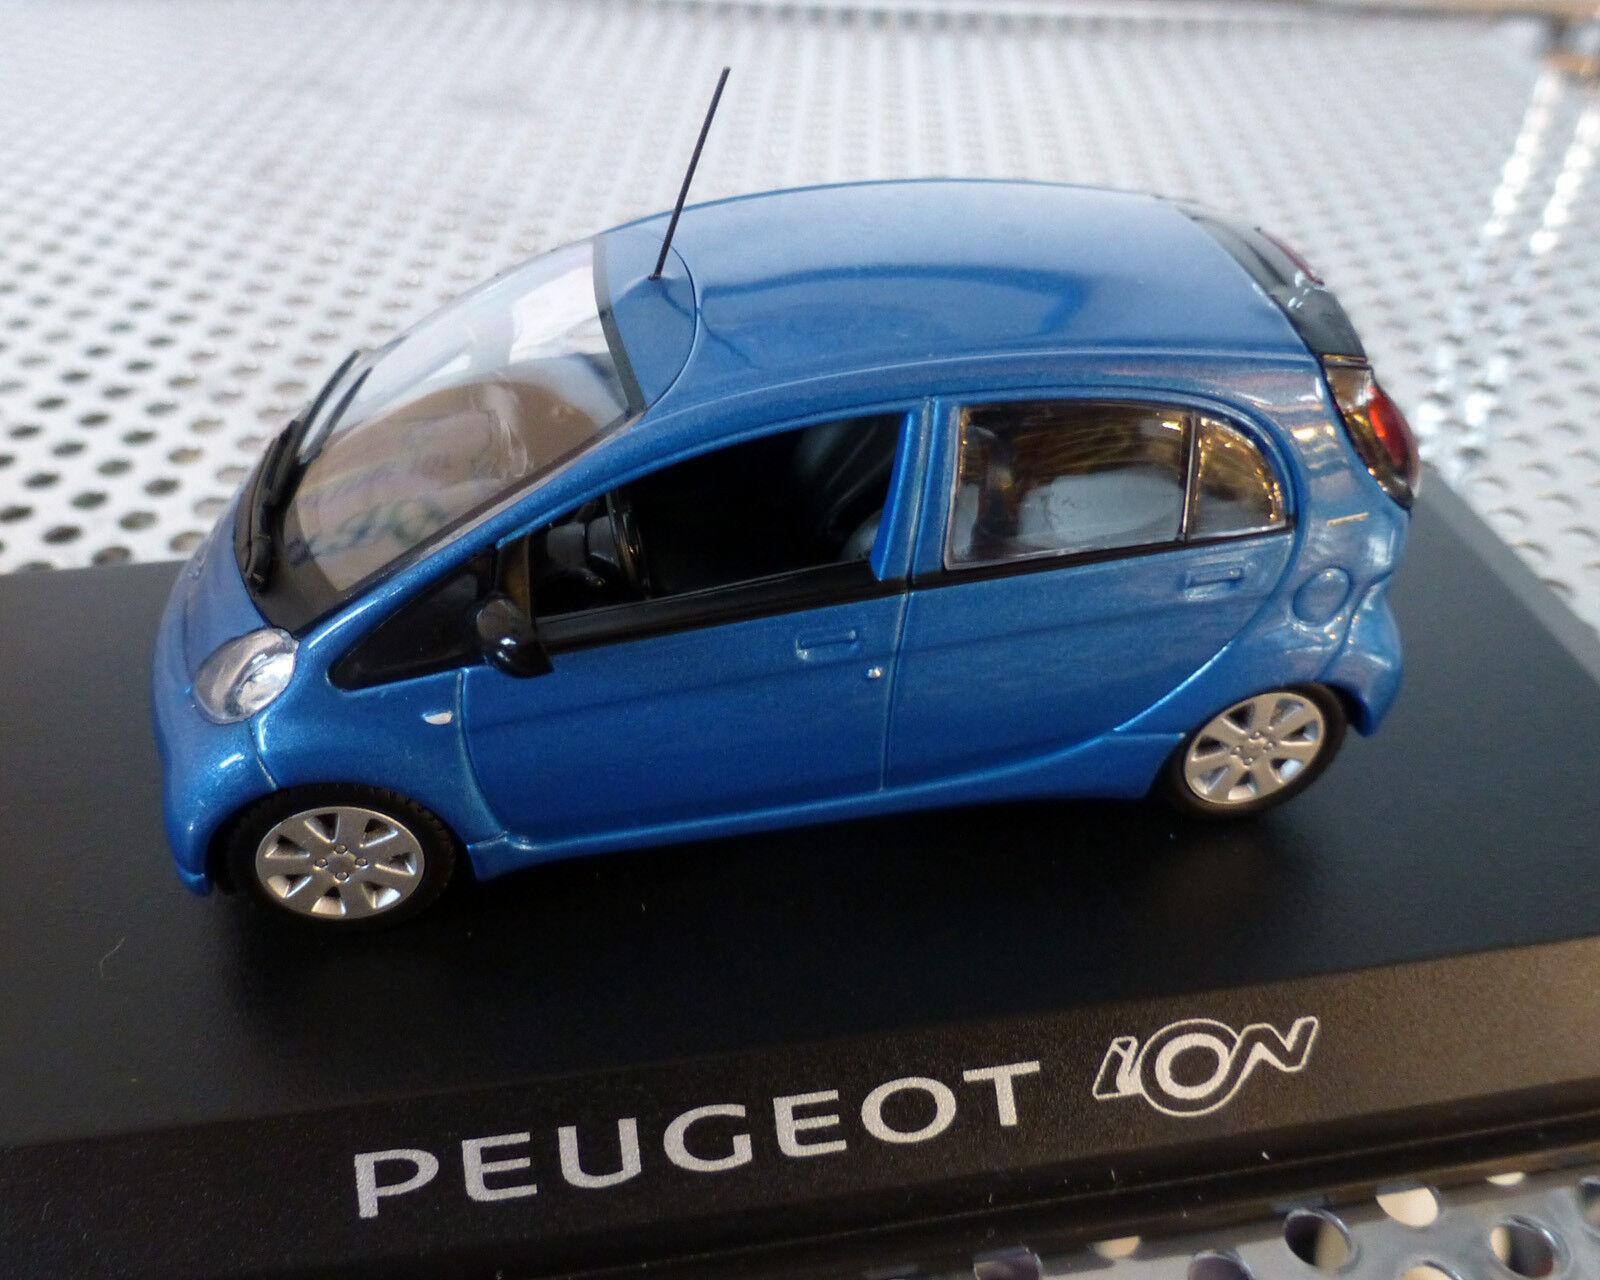 Peugeot Peugeot Peugeot ION blue-Metallic, 1 43, NOREV 5e21b3